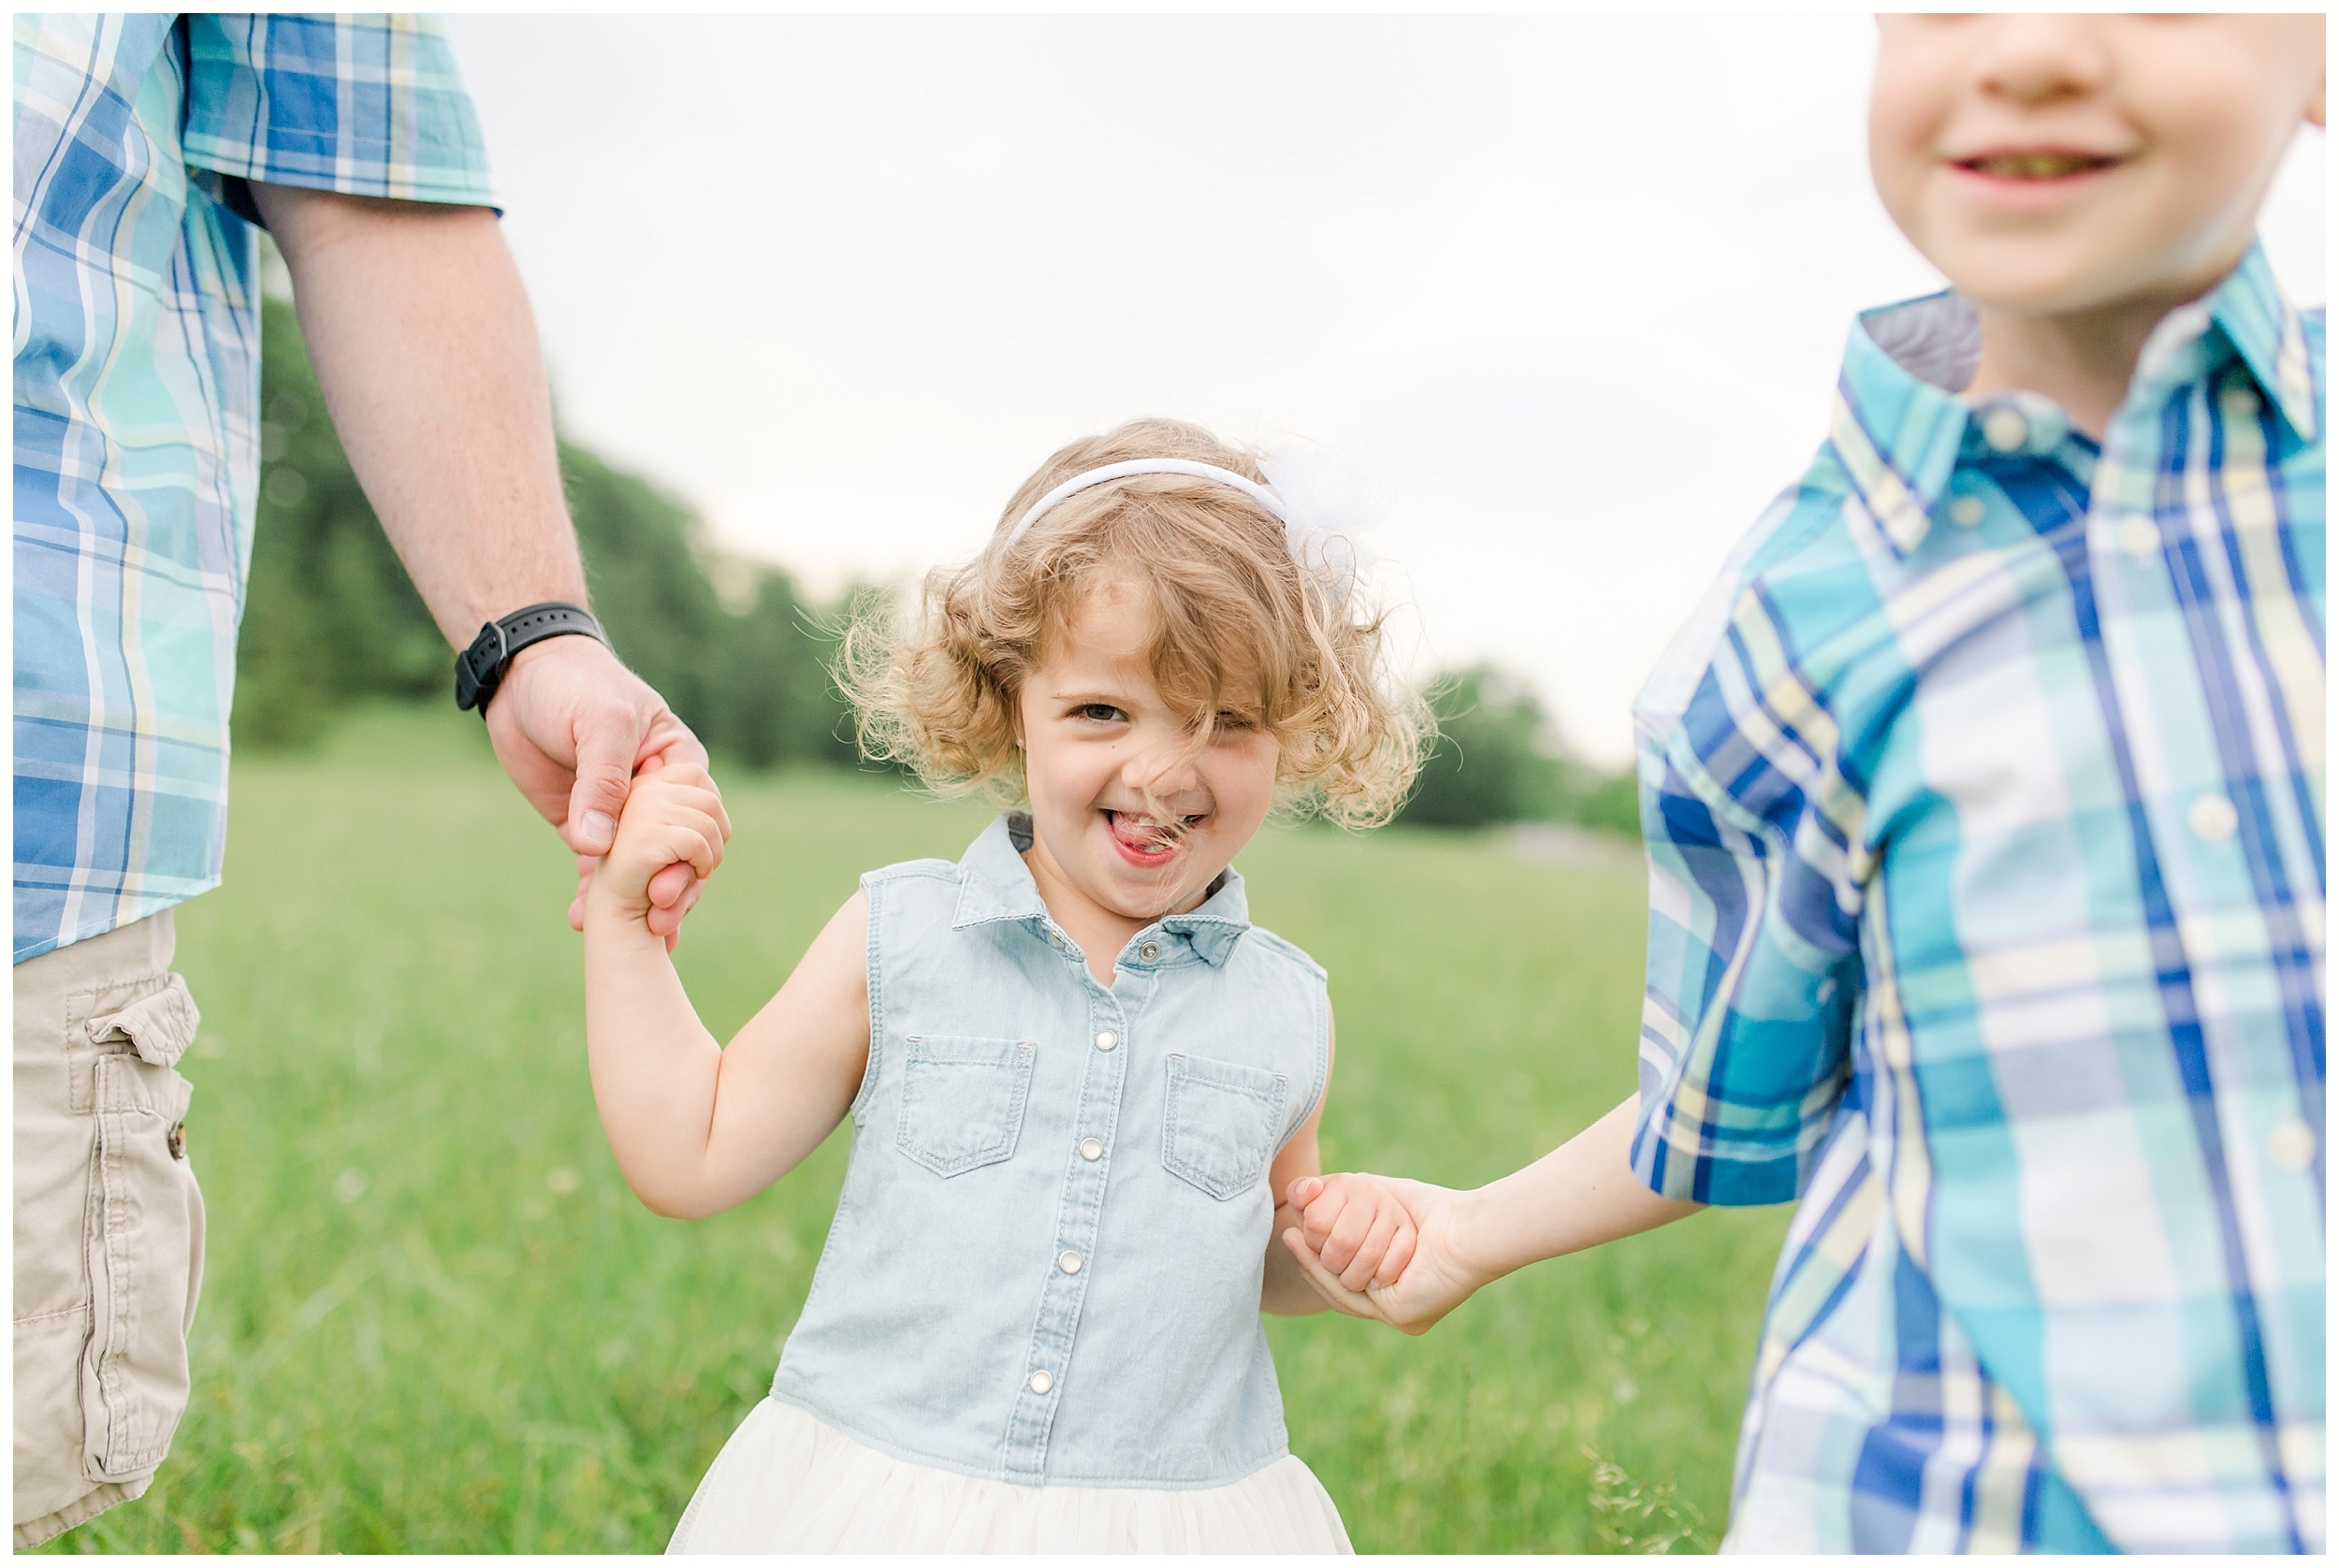 lexington-ky-family-lifestyle-photos-by-priscilla-baierlein_1162.jpg